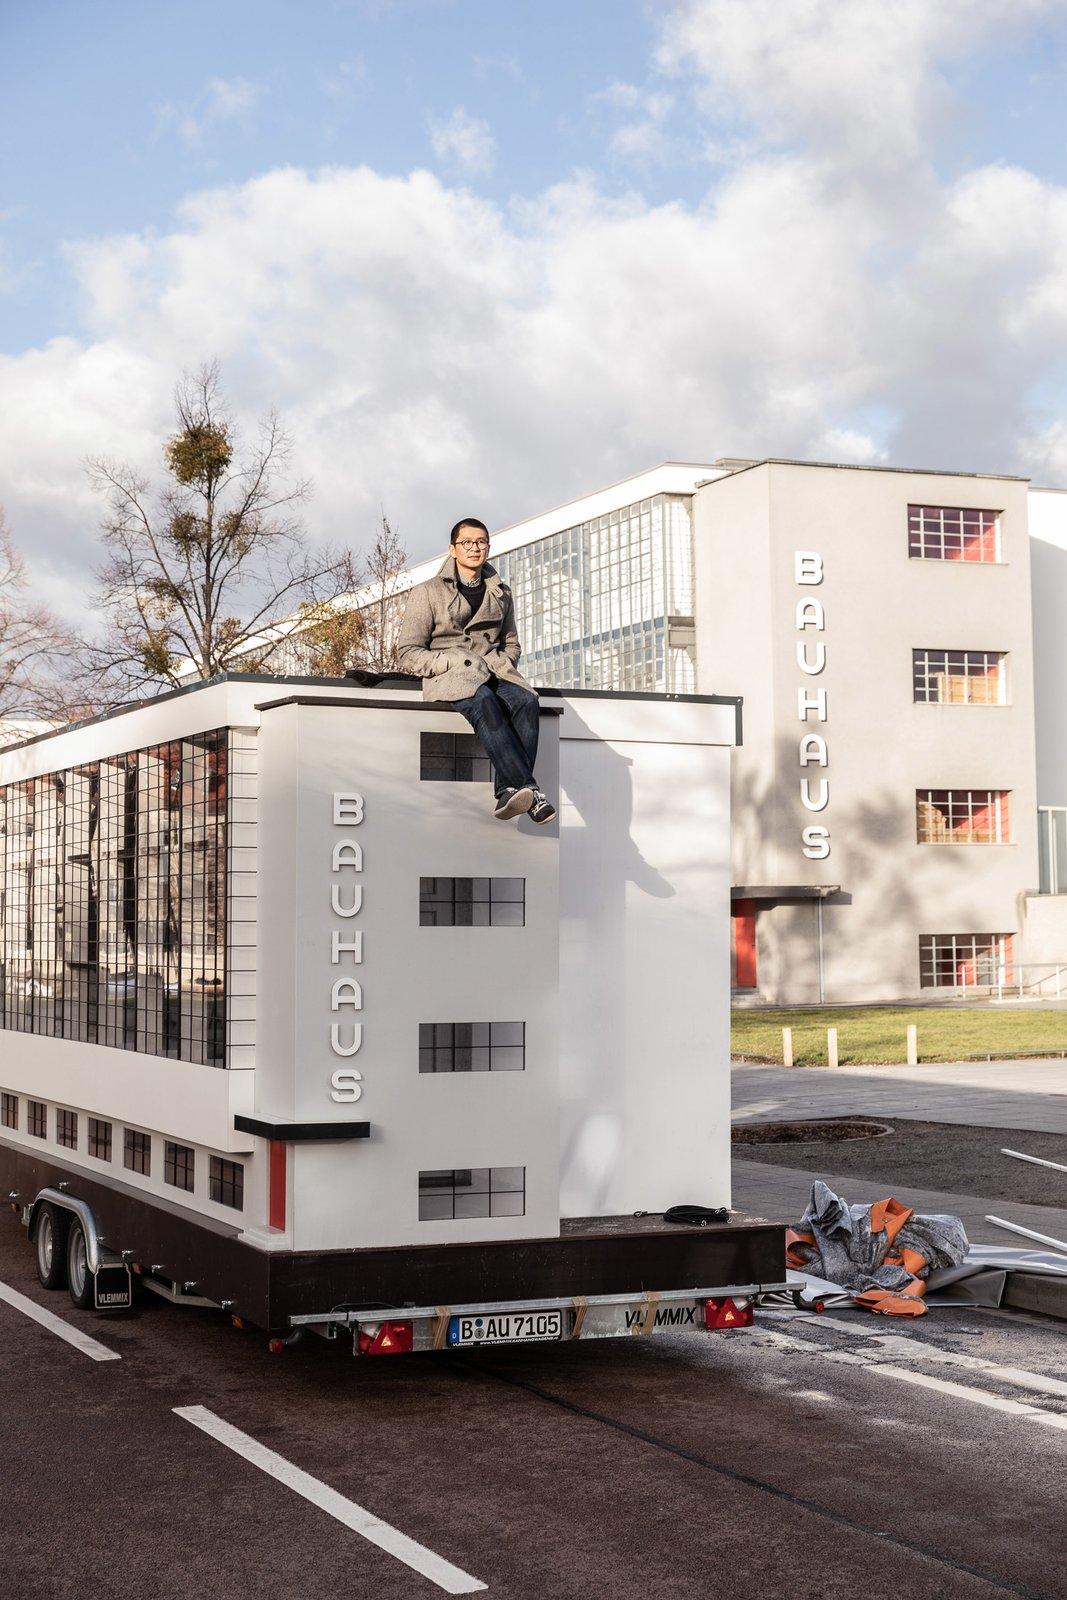 Bauhaus Bus by Van Bo Le-Mentzel